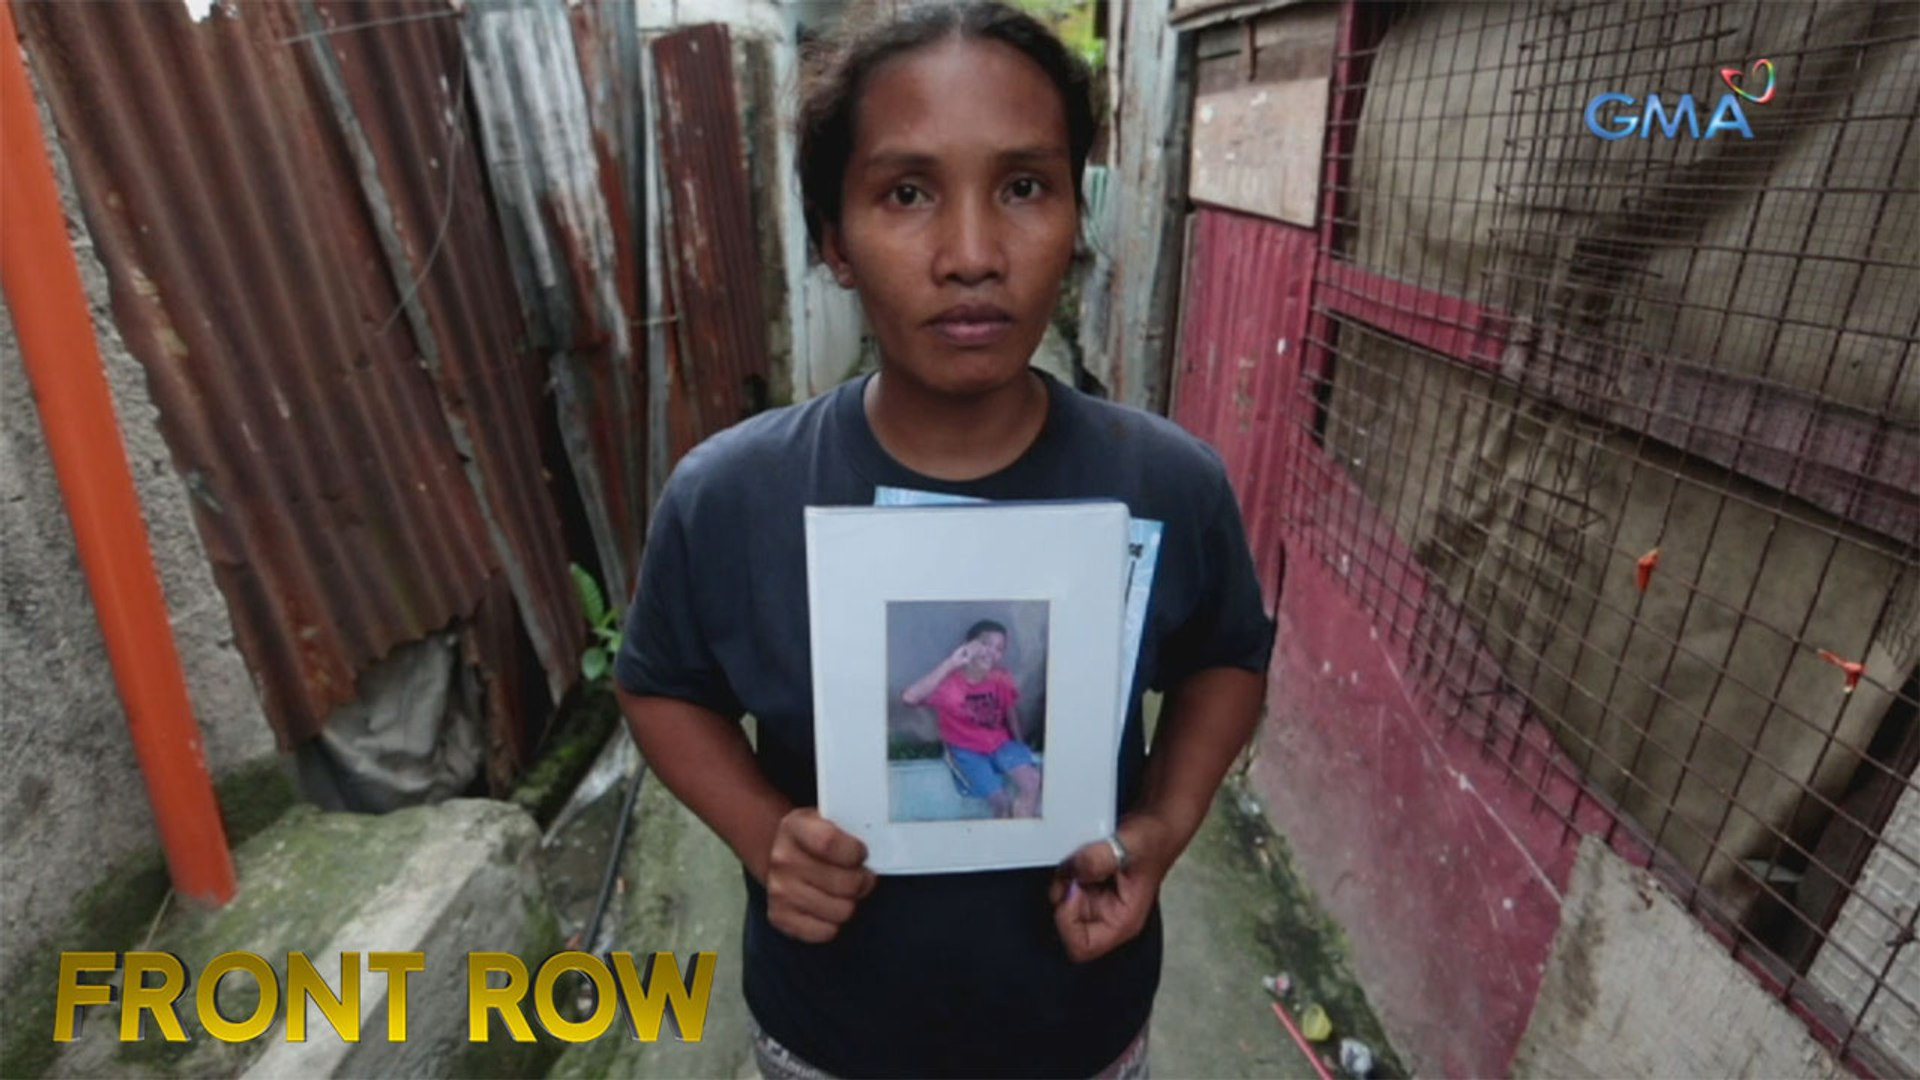 Front Row: Mga menor de edad na napatay kasabay ng drug war, tampok sa